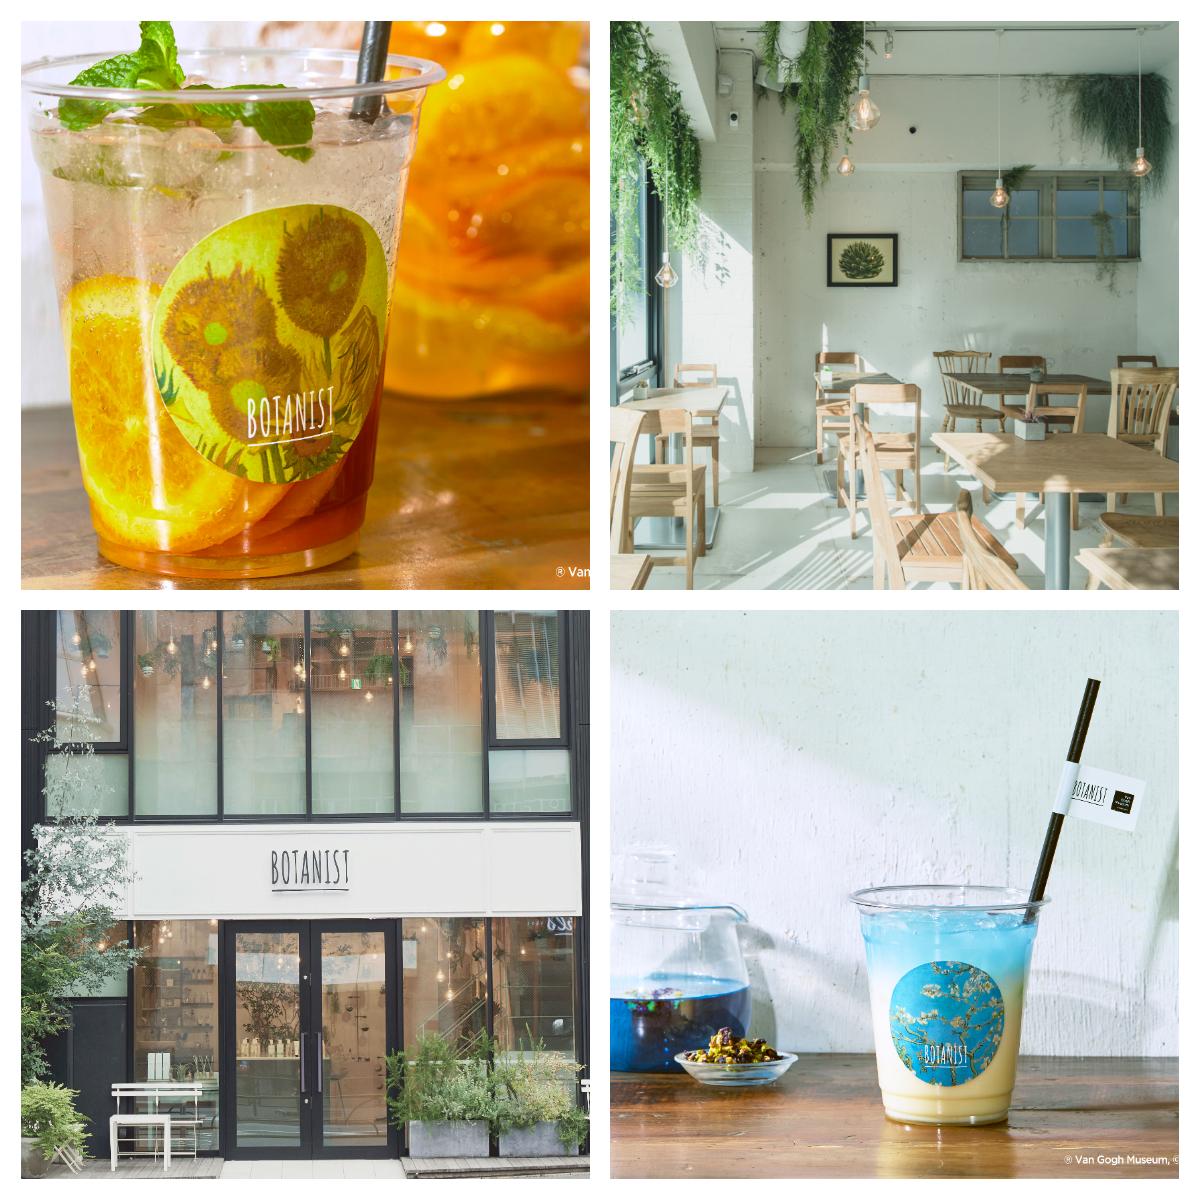 表参道『BOTANIST cafe』で画家ゴッホにインスパイアされた、アートな限定ドリンクが発売!_2